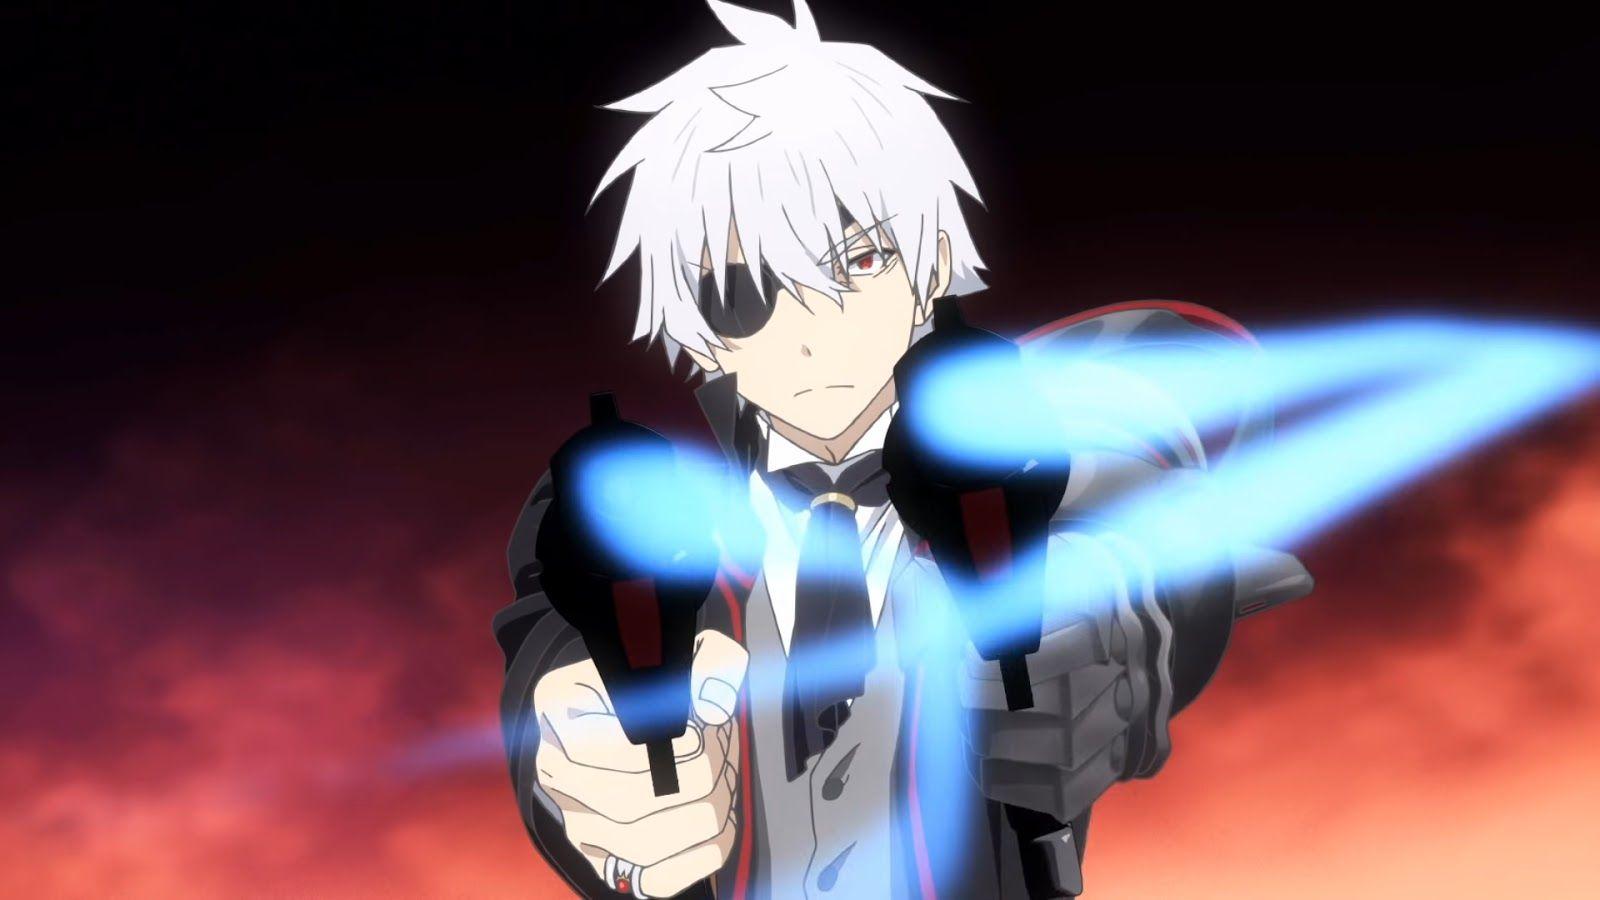 Pin On Anime News 1